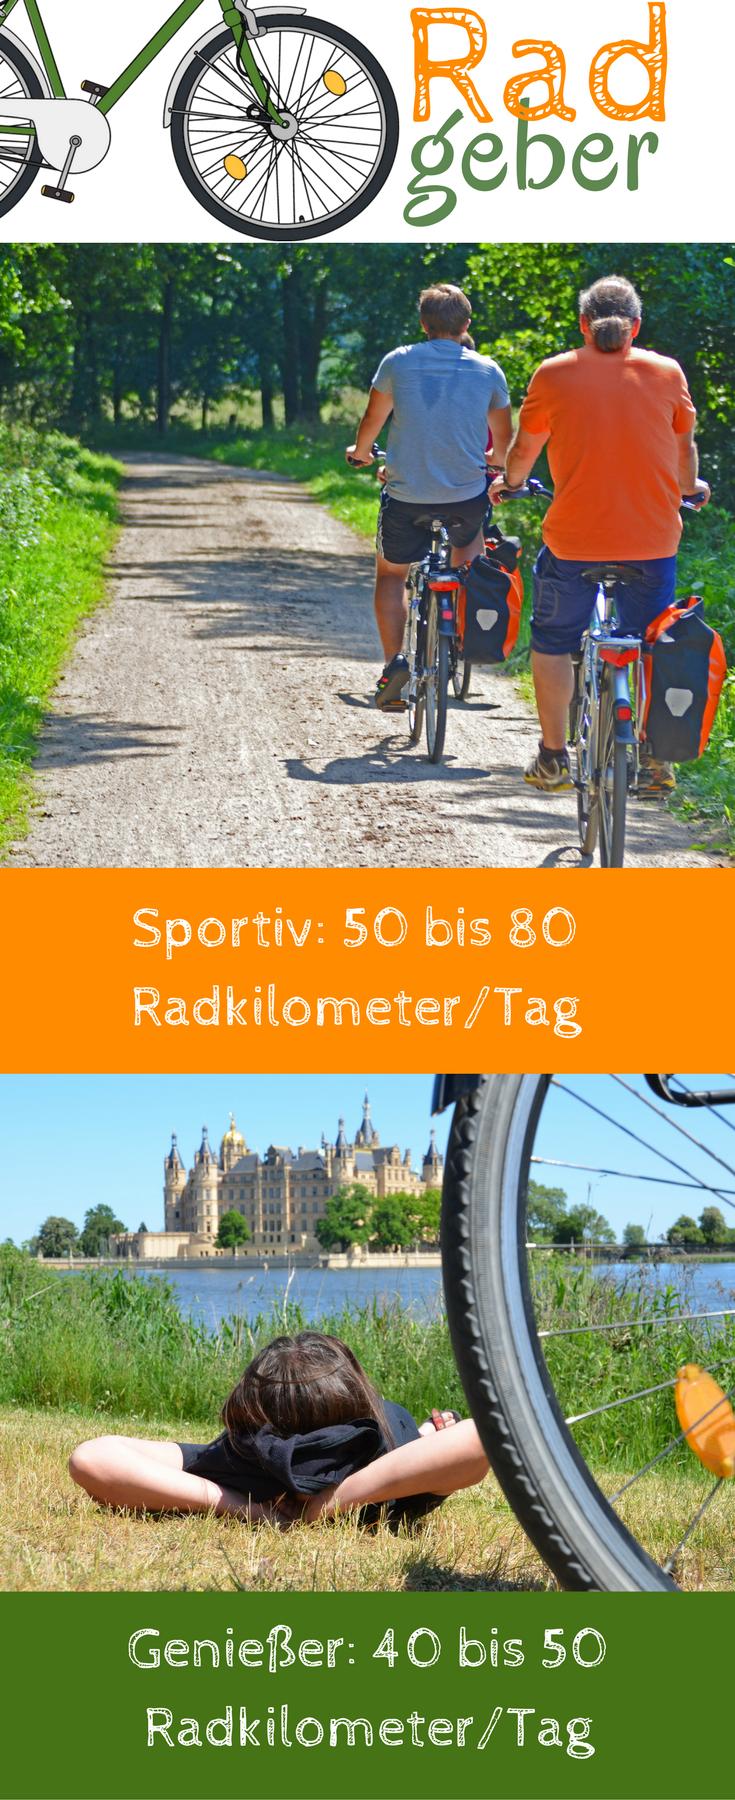 Radreisen individuell für jedes Level: Sind Sie Genießer oder soll es mit höherer Kilometerzahl sein...